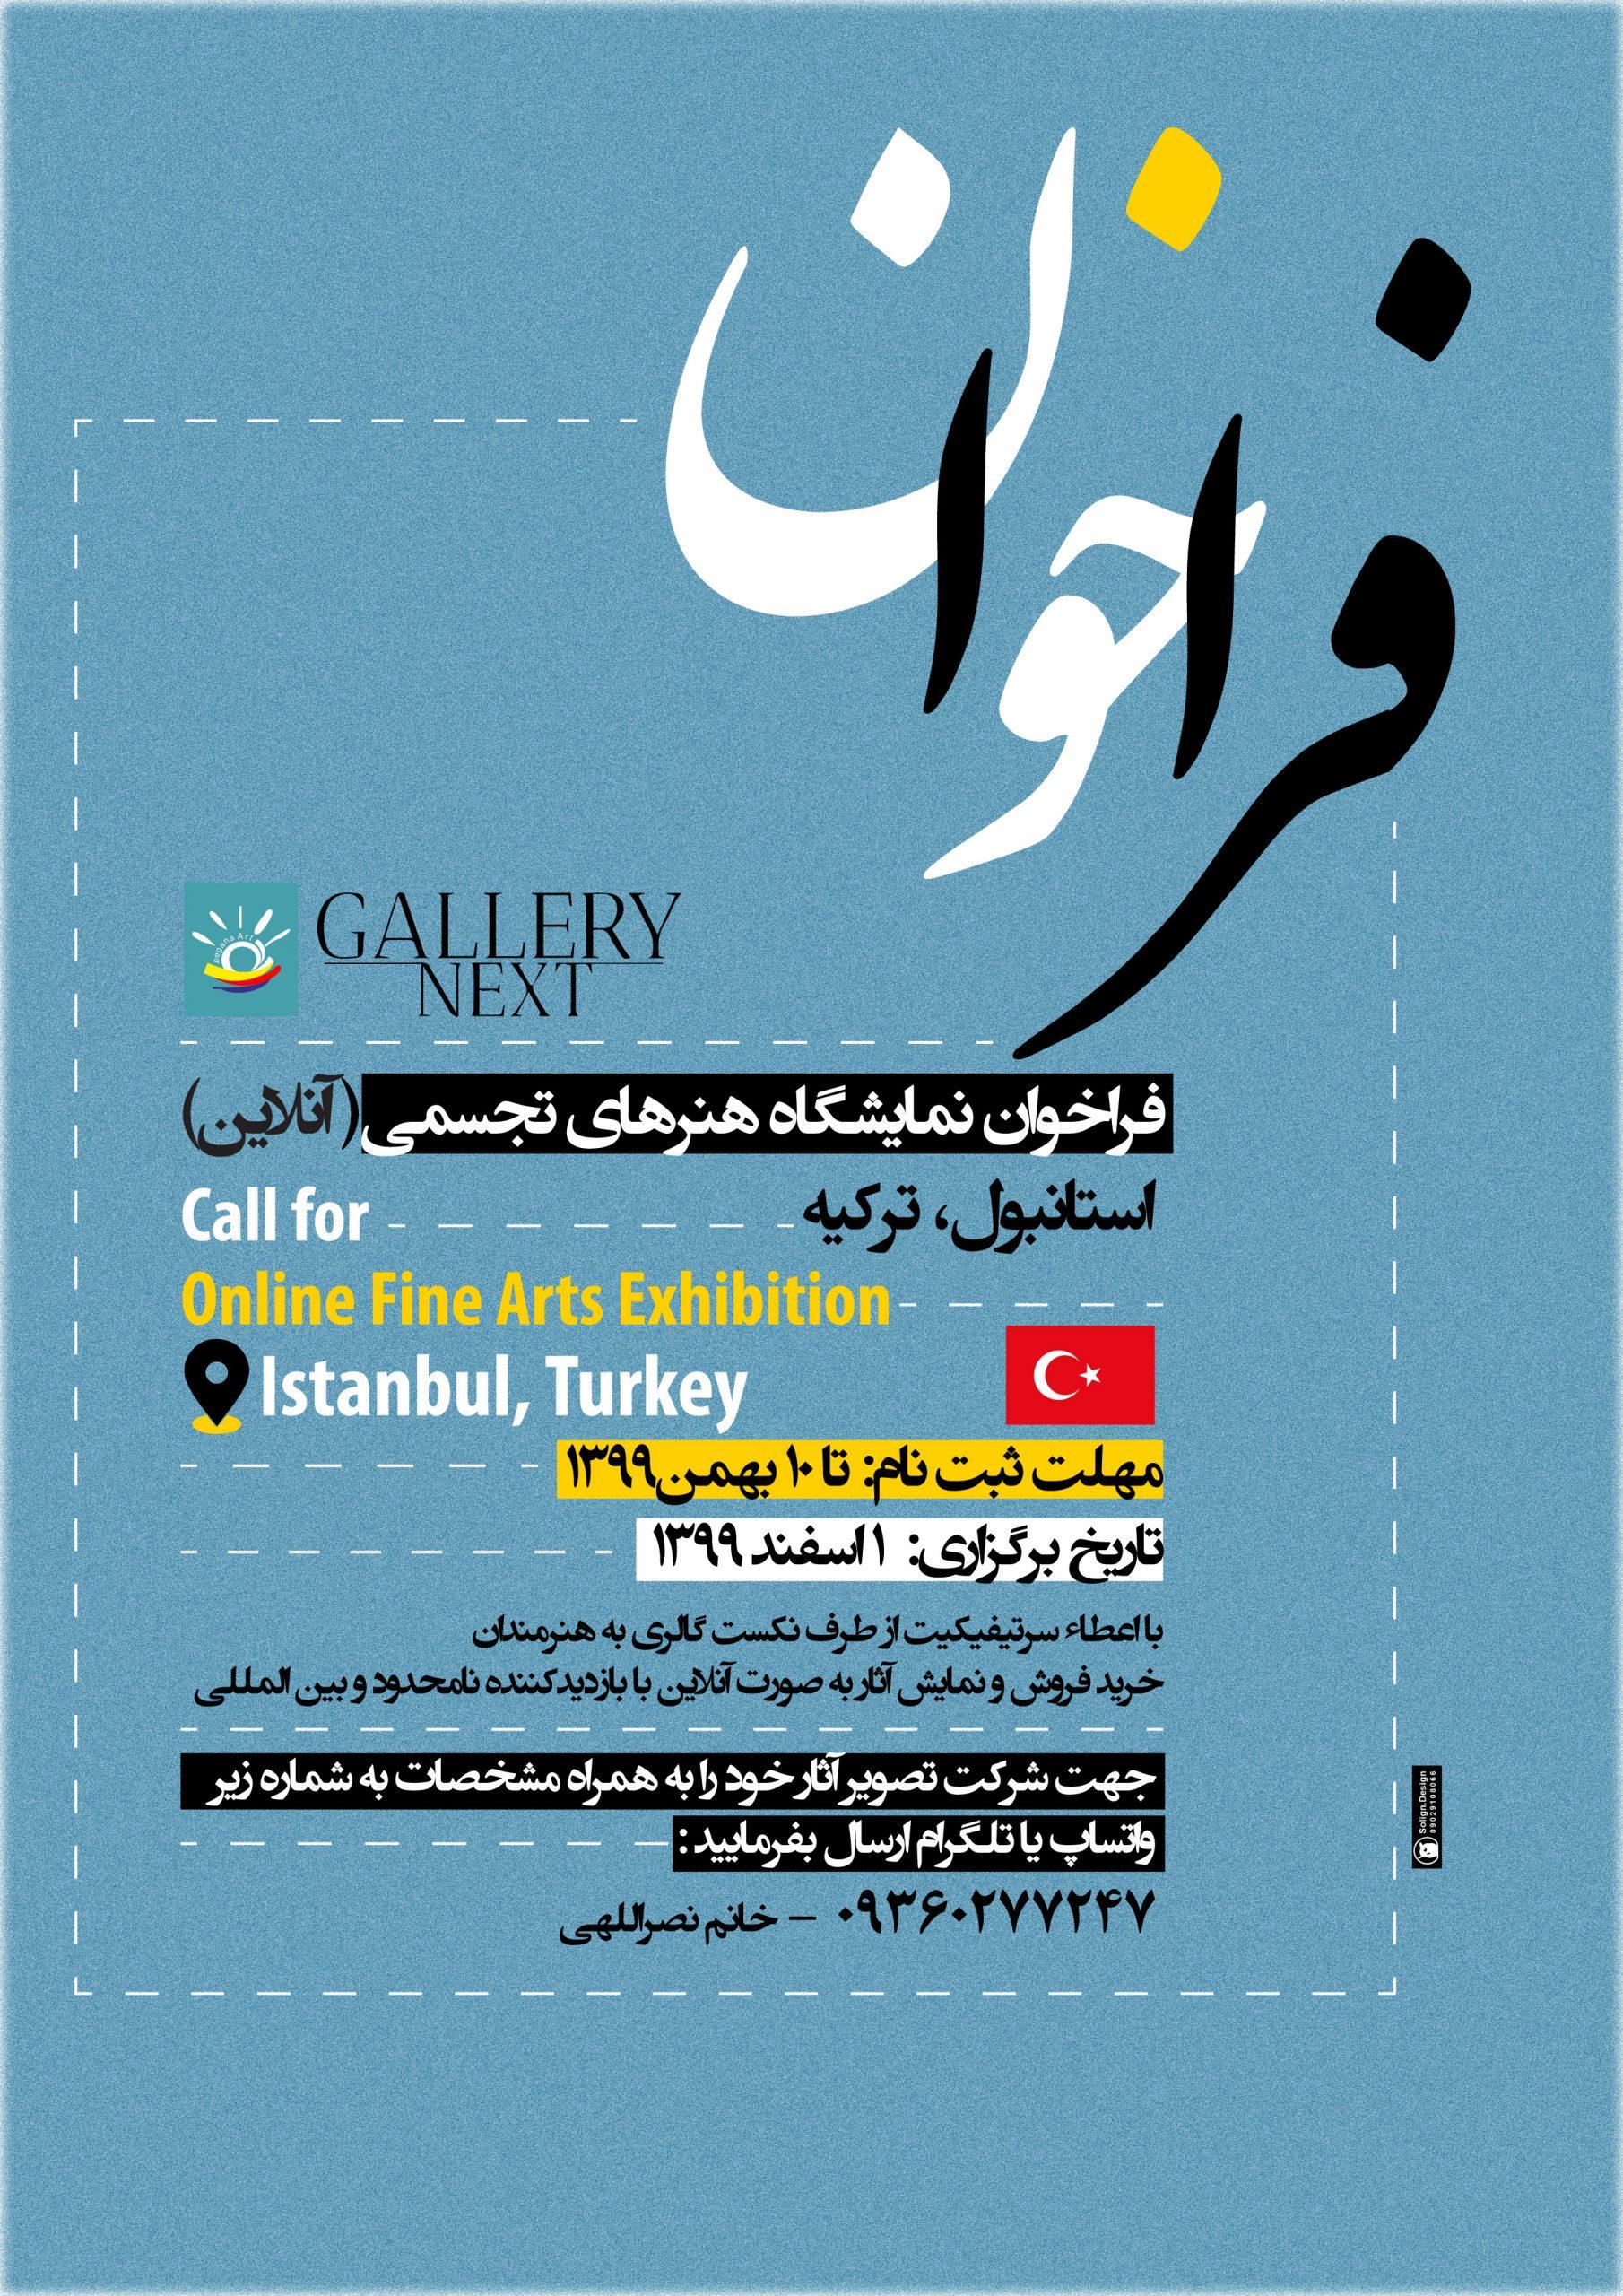 فراخوان نمایشگاه هنرهاى تجسمى ترکیه استانبول